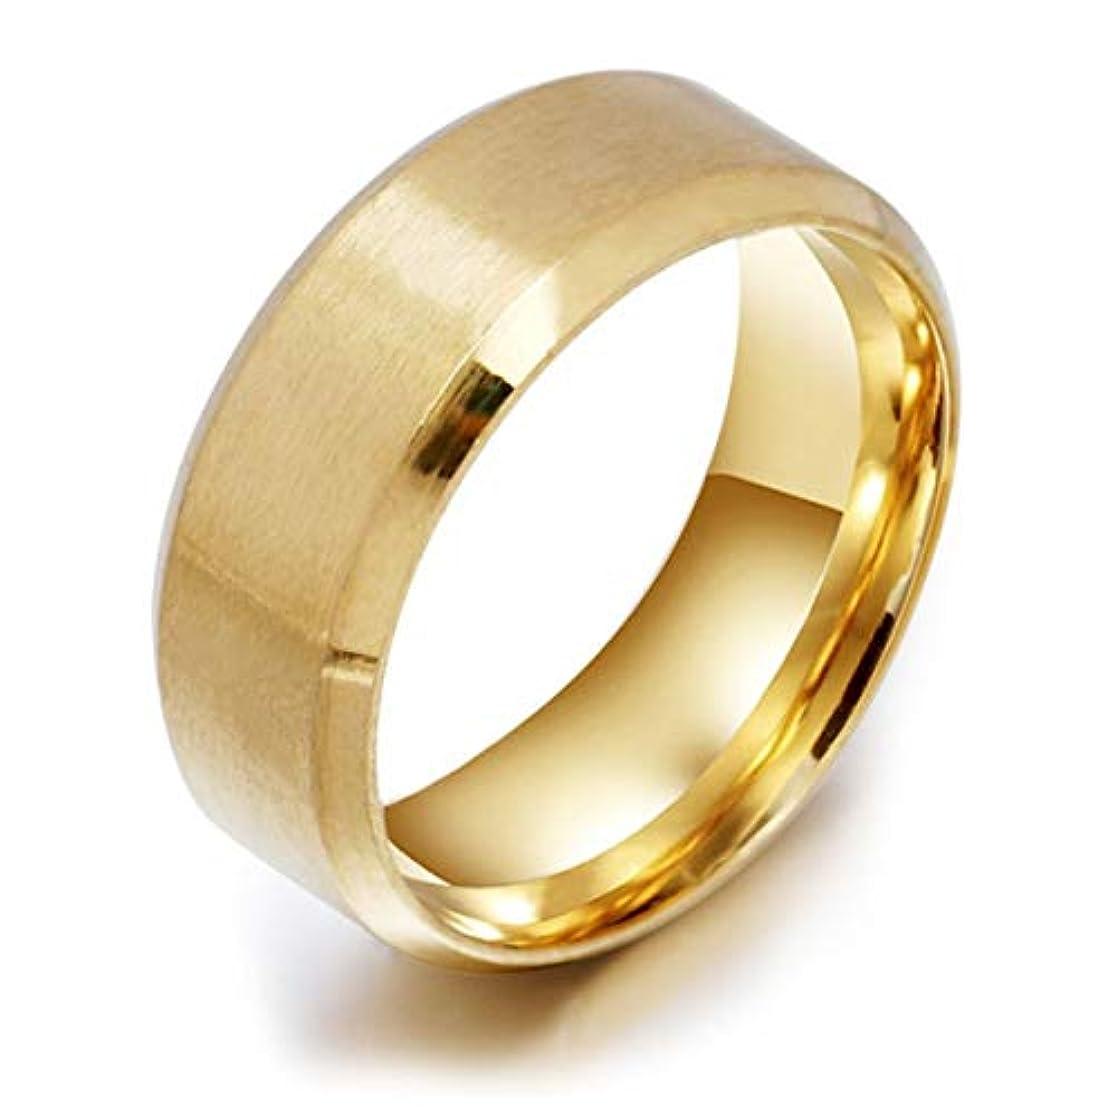 消費するギネス古代ステンレス鋼の医療指リング磁気減量リング男性のための高いポーランドのファッションジュエリー女性リング-ゴールド10